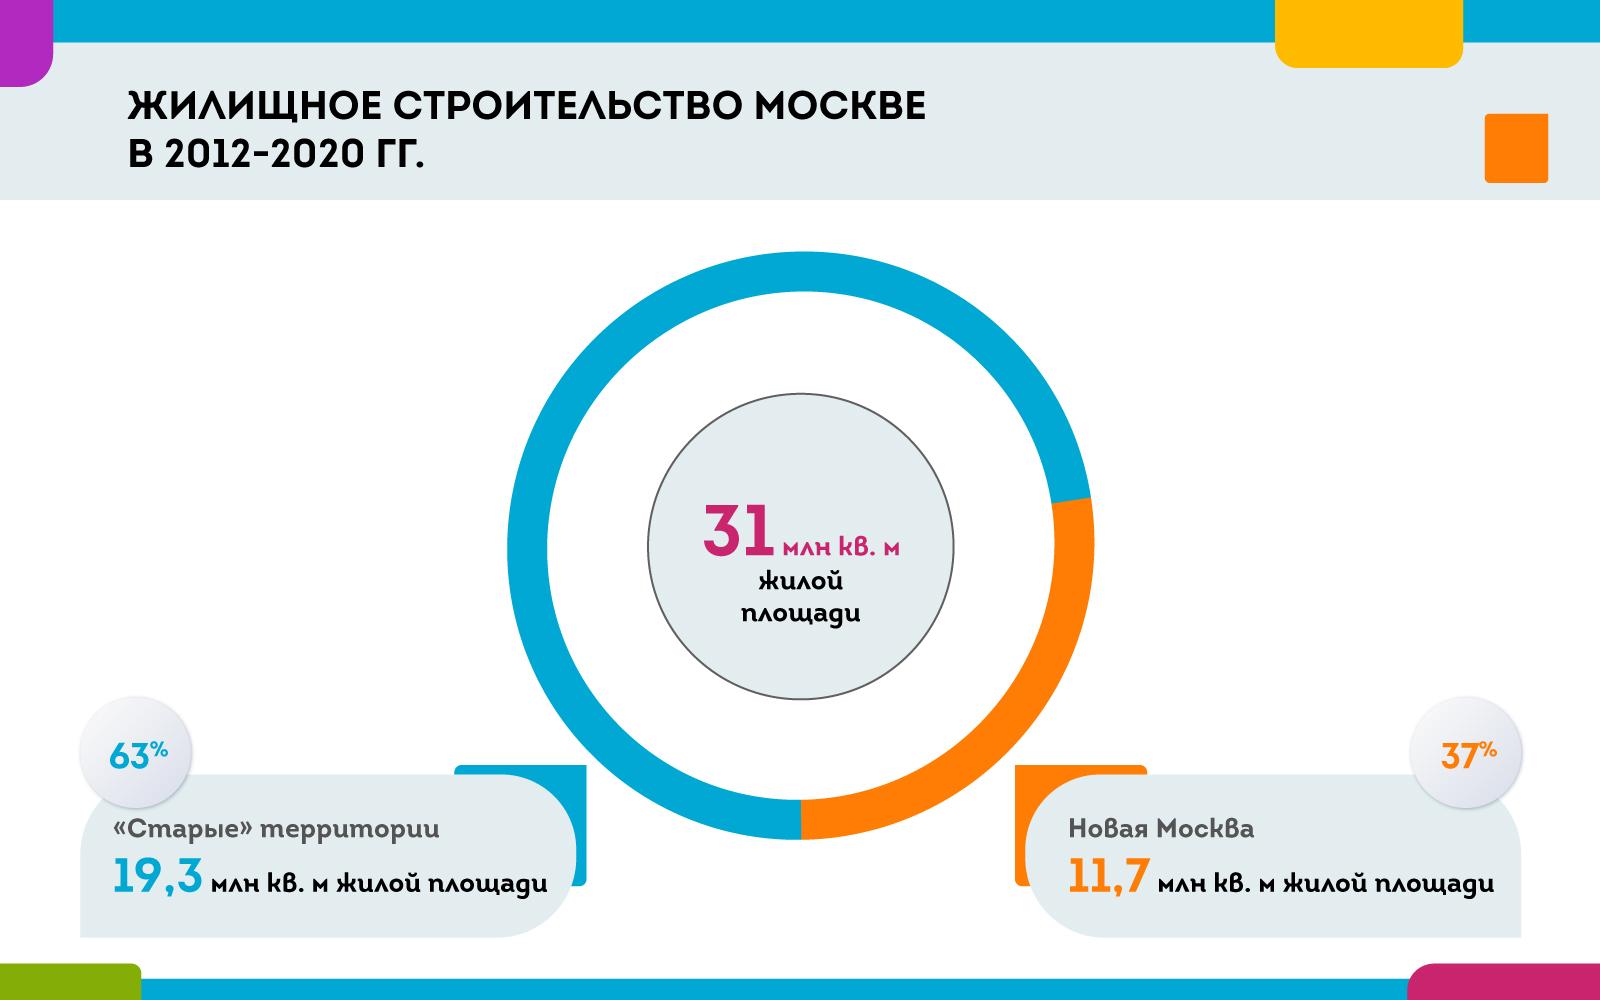 cdn.sobyanin.ru/static/img/010720-web-001030.jpg